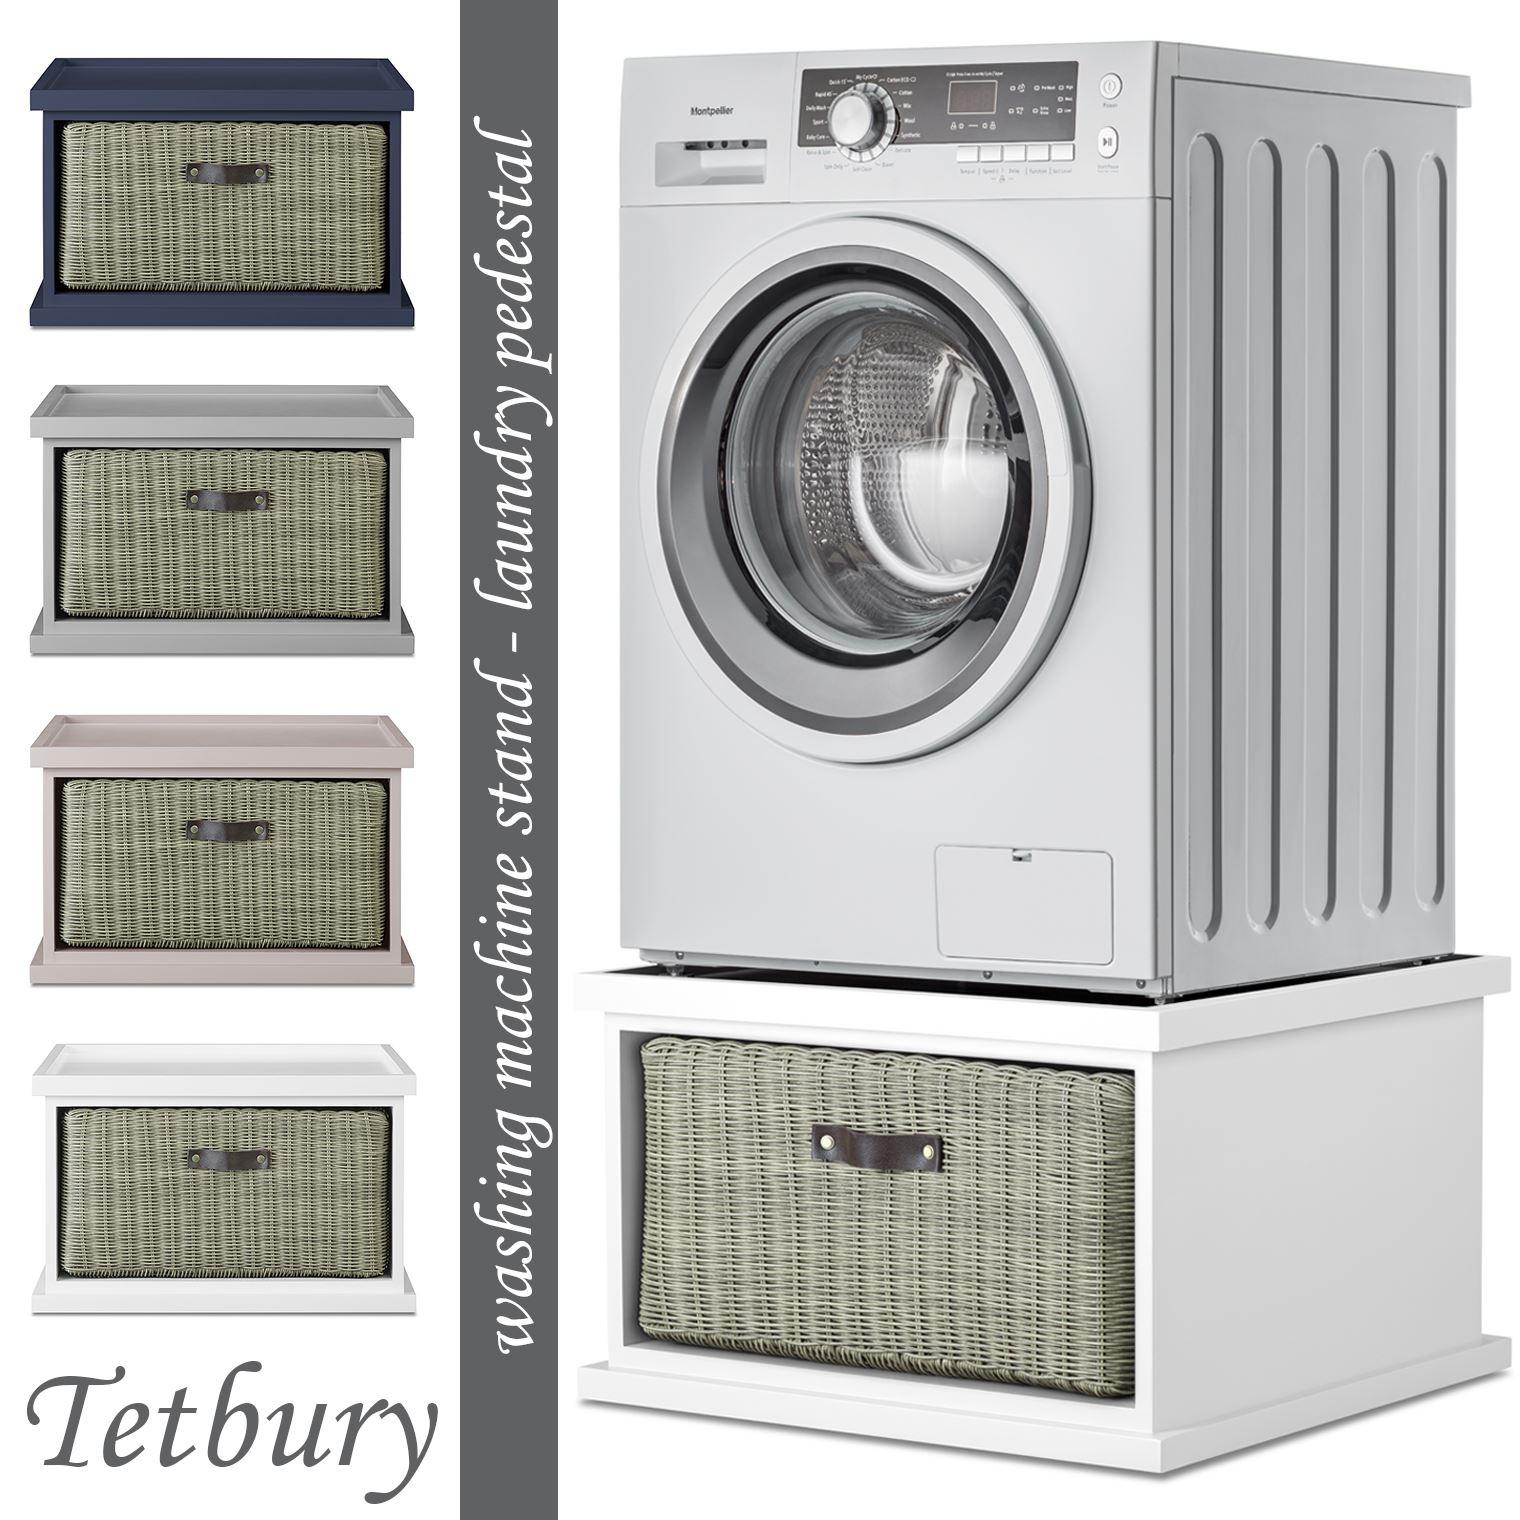 Tetbury Washing Machine Stand With Storage Dryer Pedestal With Drawer Assembled Ebay